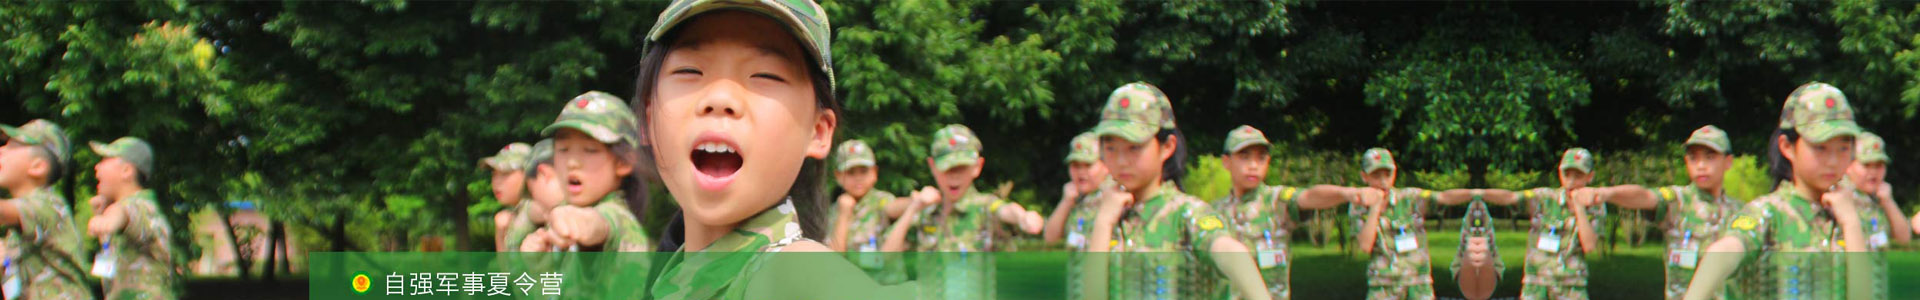 武漢自強軍事夏令營